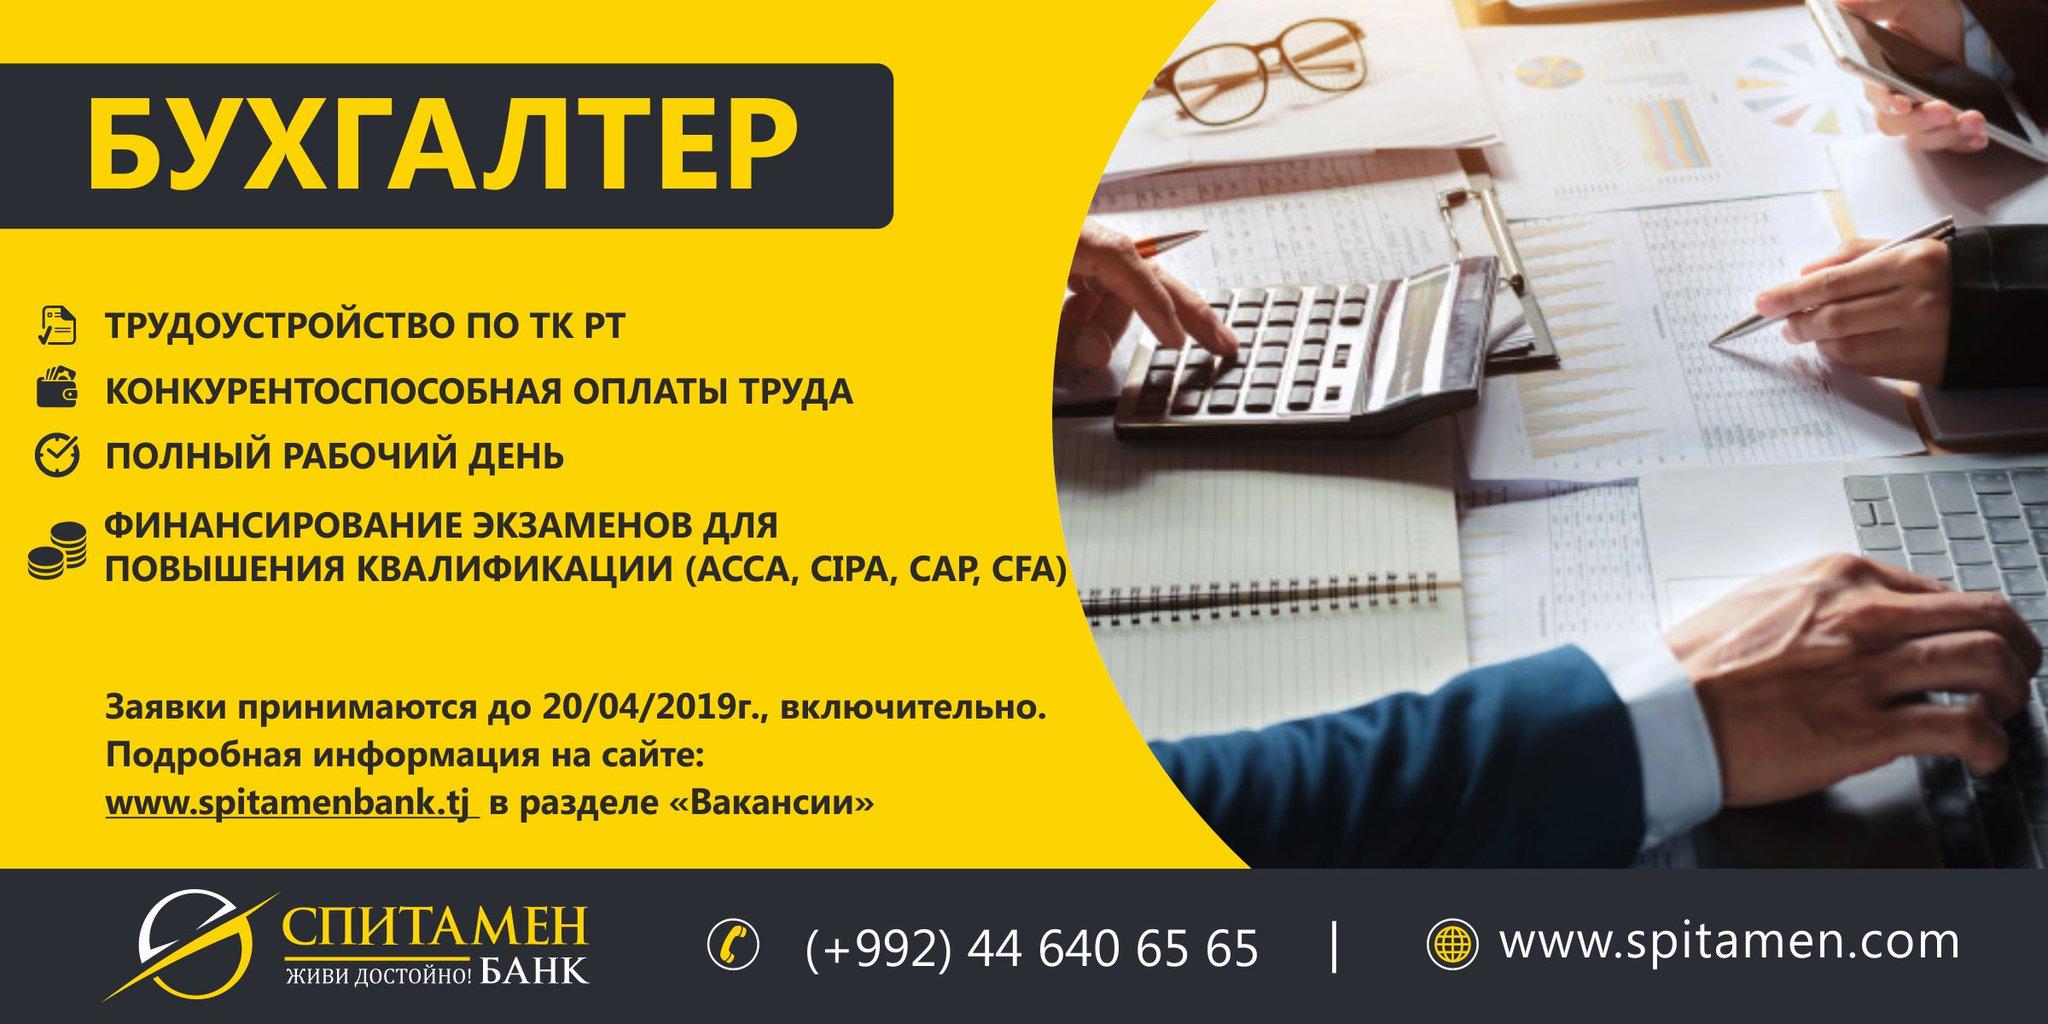 Вакансии бухгалтера в москве от прямых работодателей башкирский территориальный институт профессиональных бухгалтеров и аудиторов